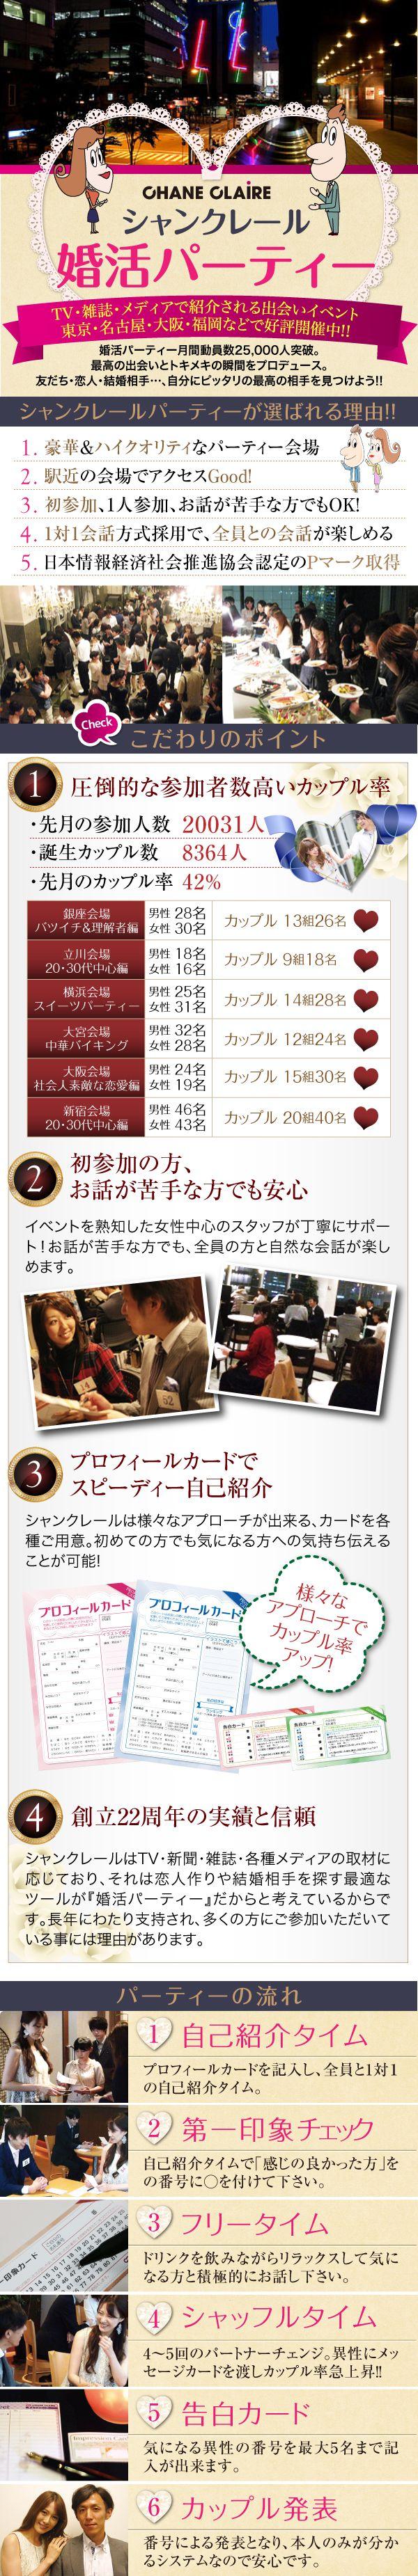 tachikawa_base